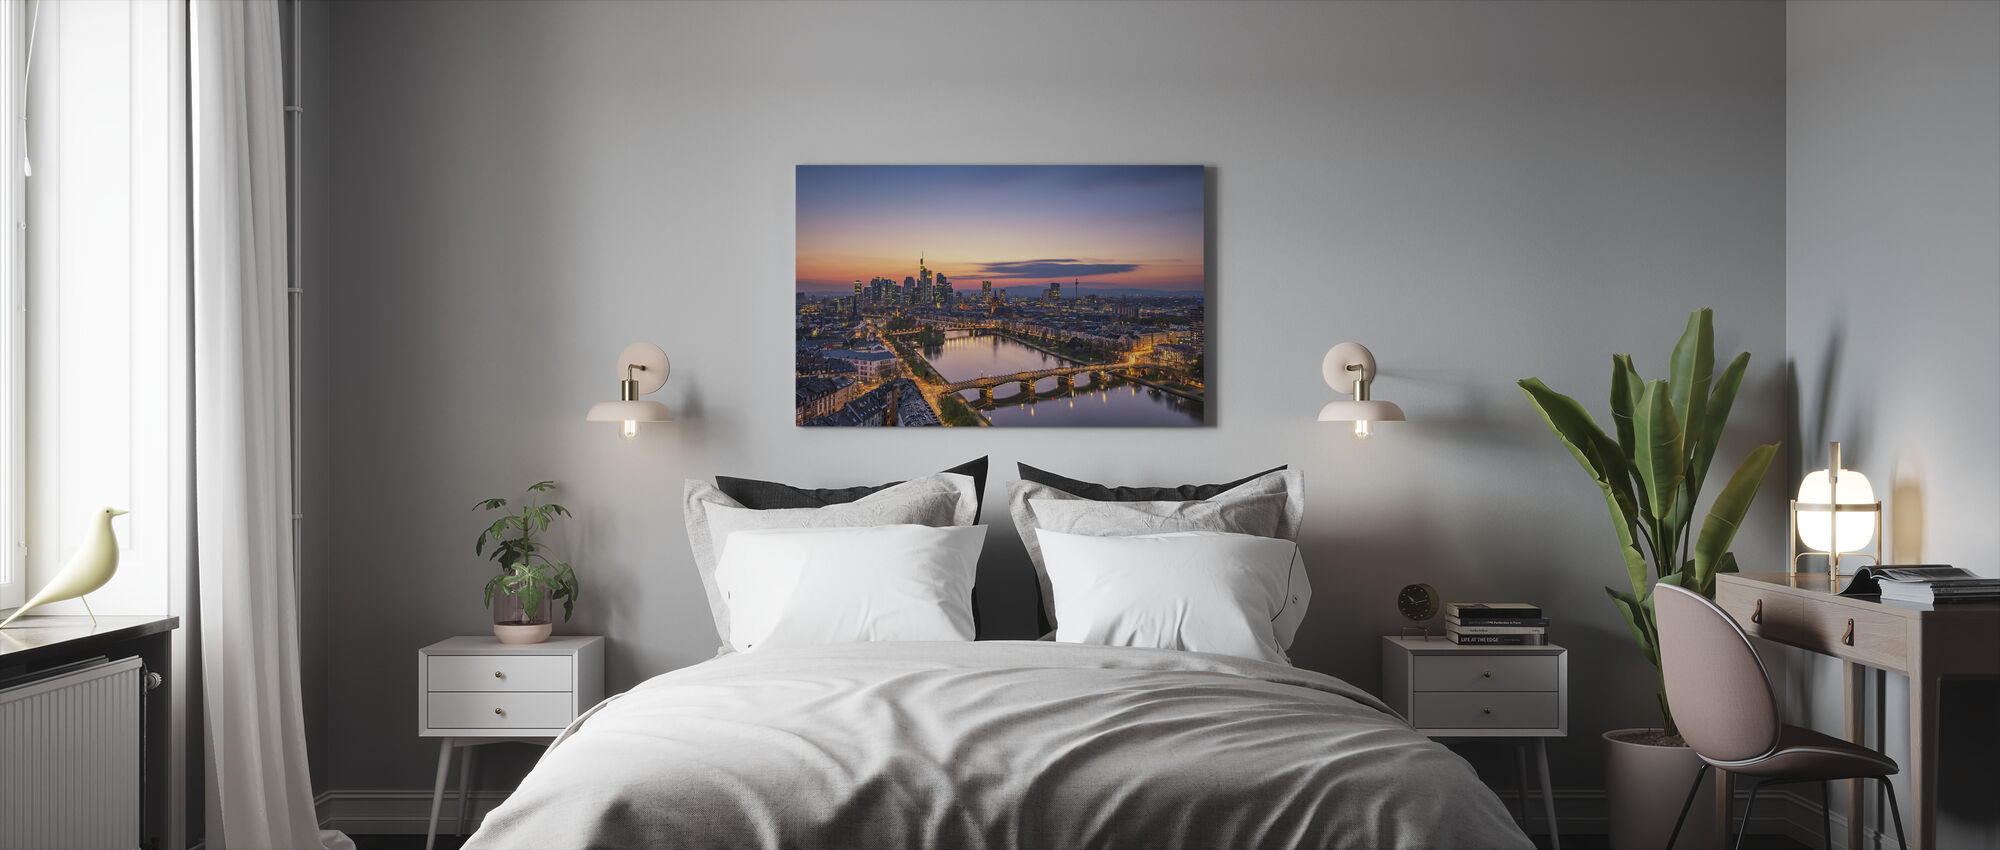 Frankfurt Skyline at Sunset - Canvas print - Bedroom